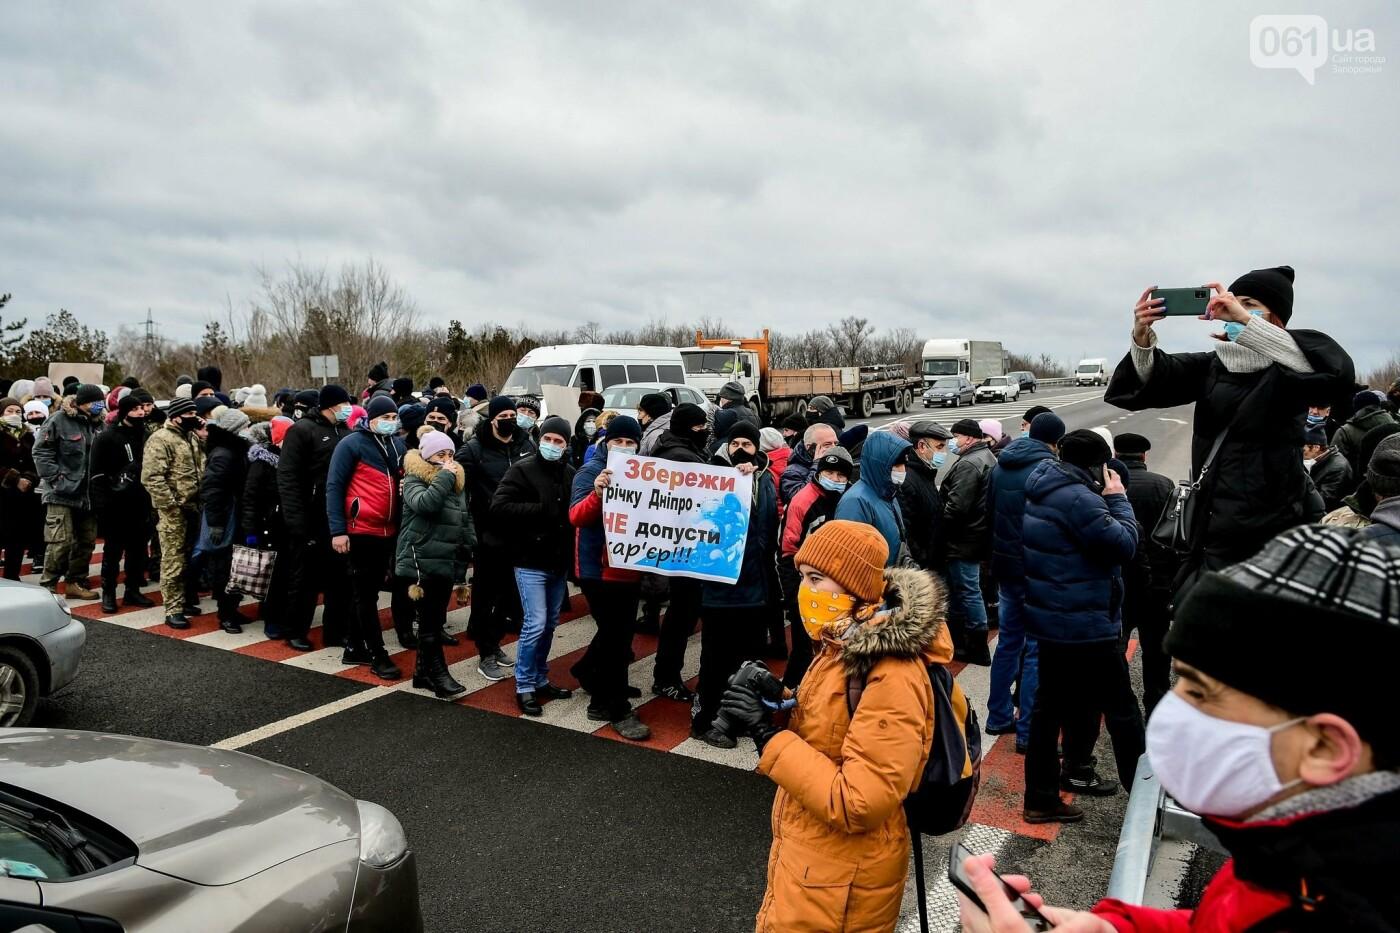 Жители Вольнянска перекрыли трассу и ждут губернатора, - ФОТО, ВИДЕО , фото-12